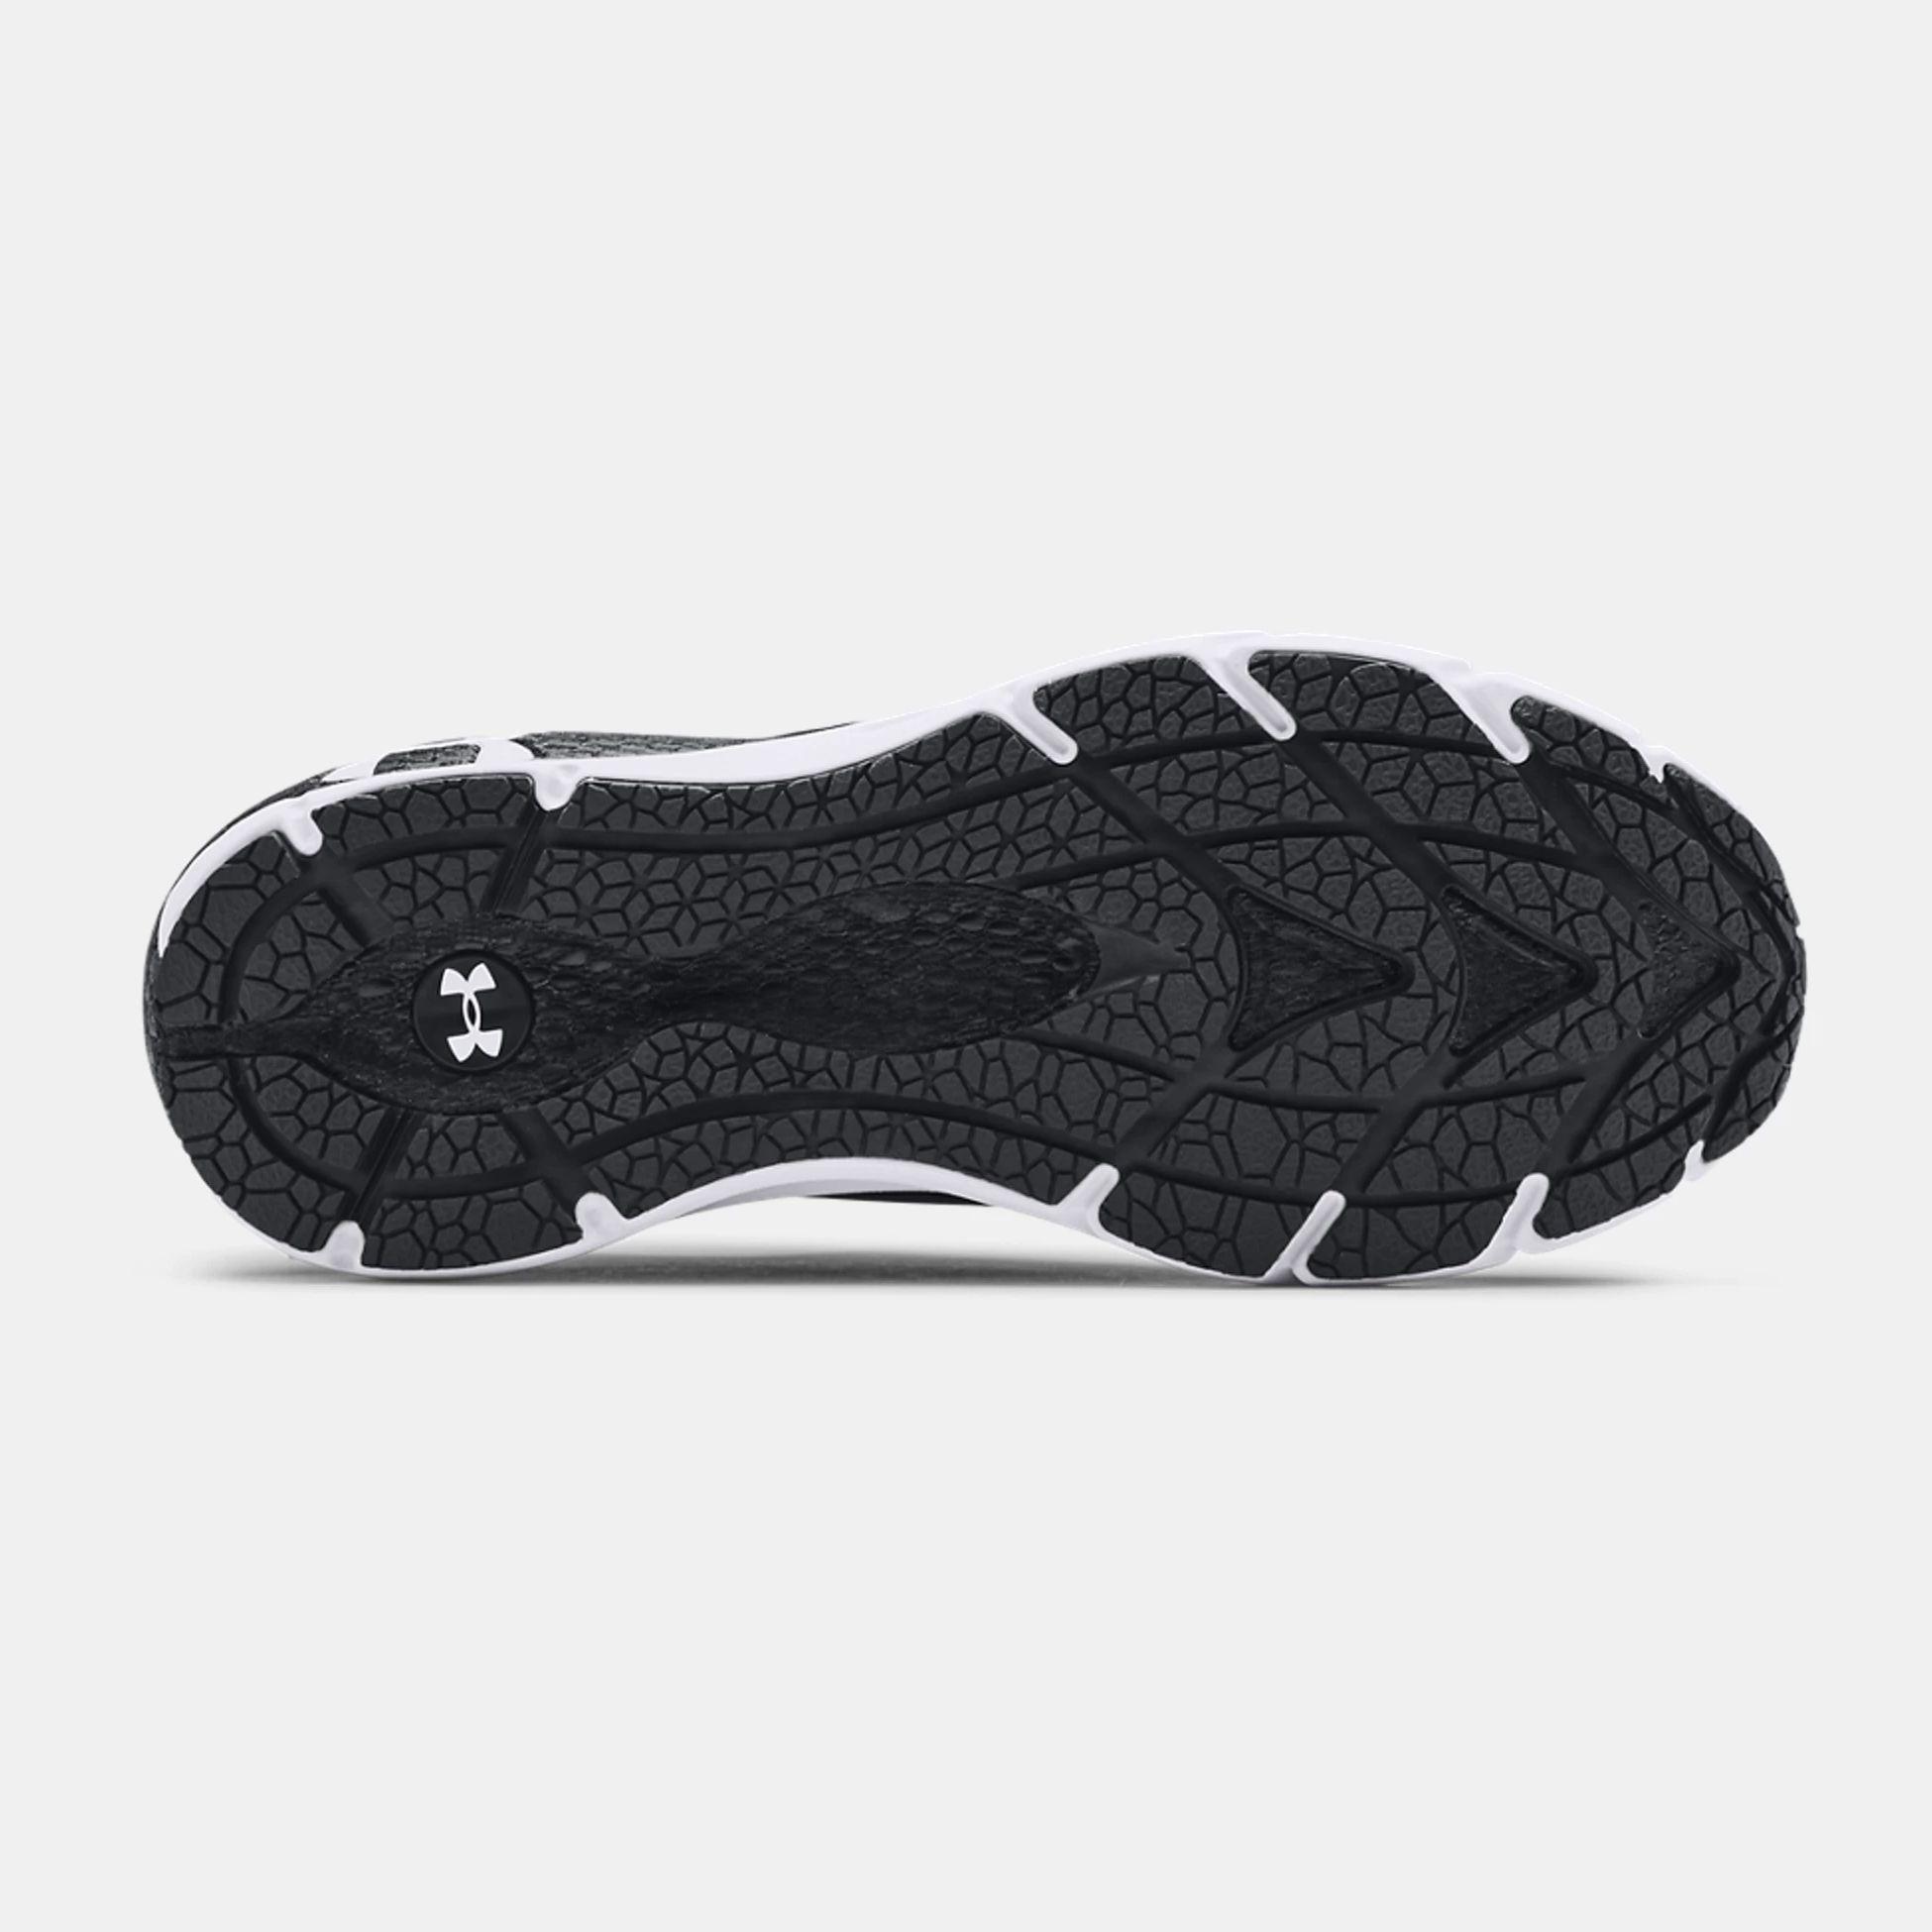 Shoes -  under armour UA HOVR™ Phantom 2 IntelliKnit